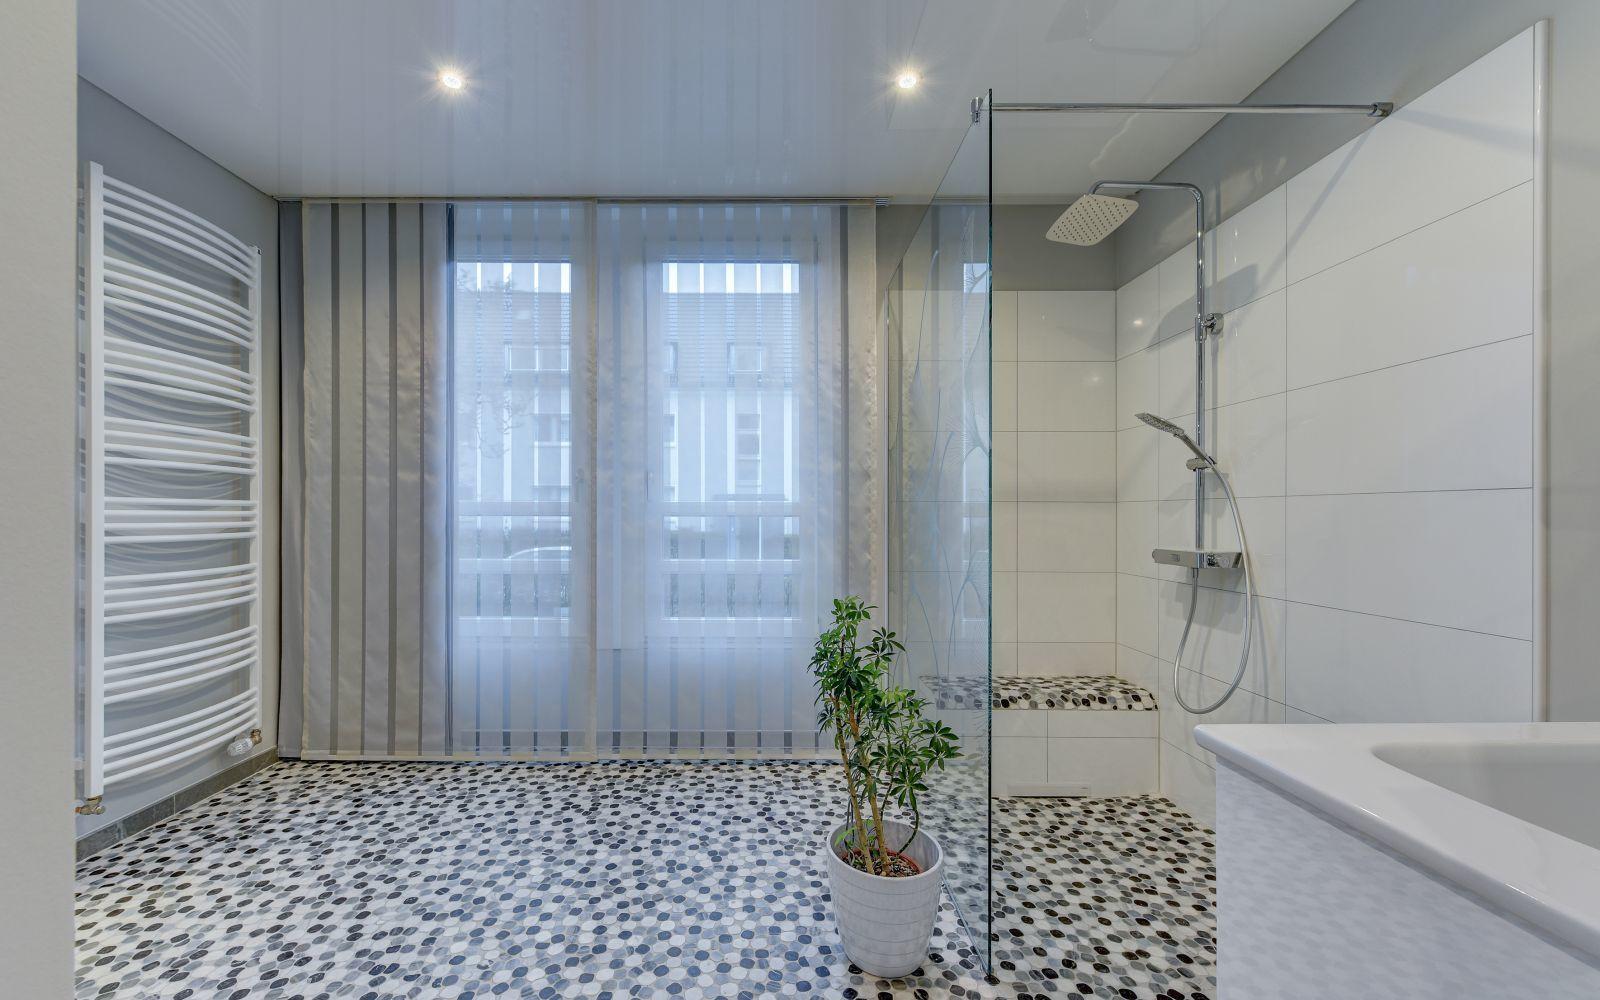 badreferenzen nessmann d sseldorf badrenovierung heizungsmodernisierung wohnraumsanierung. Black Bedroom Furniture Sets. Home Design Ideas